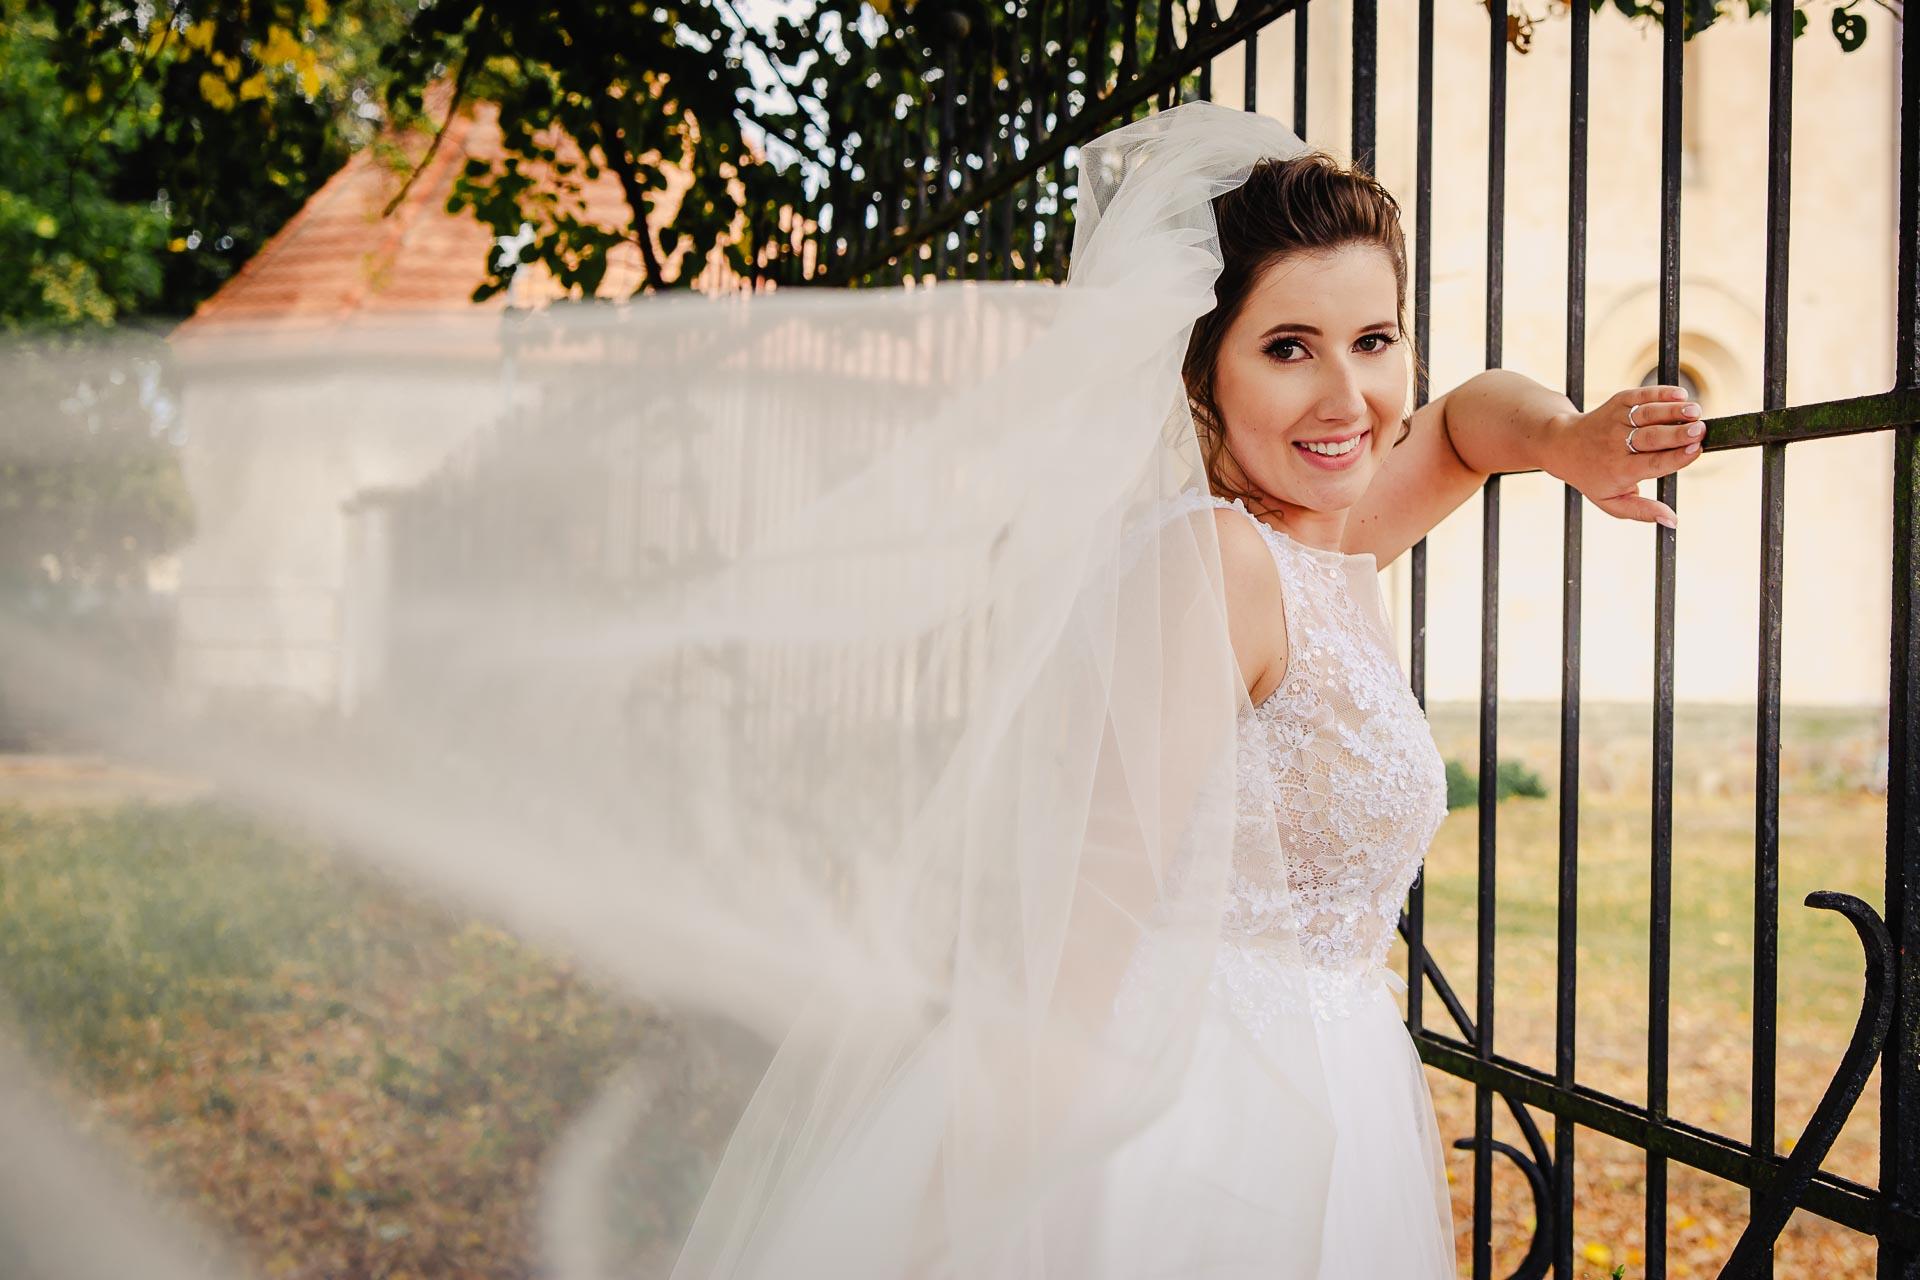 svatební fotograf Praha,svatba střední čechy, církevní obřad, svatba v kostele, nejhezčí svatební fotografie-2937